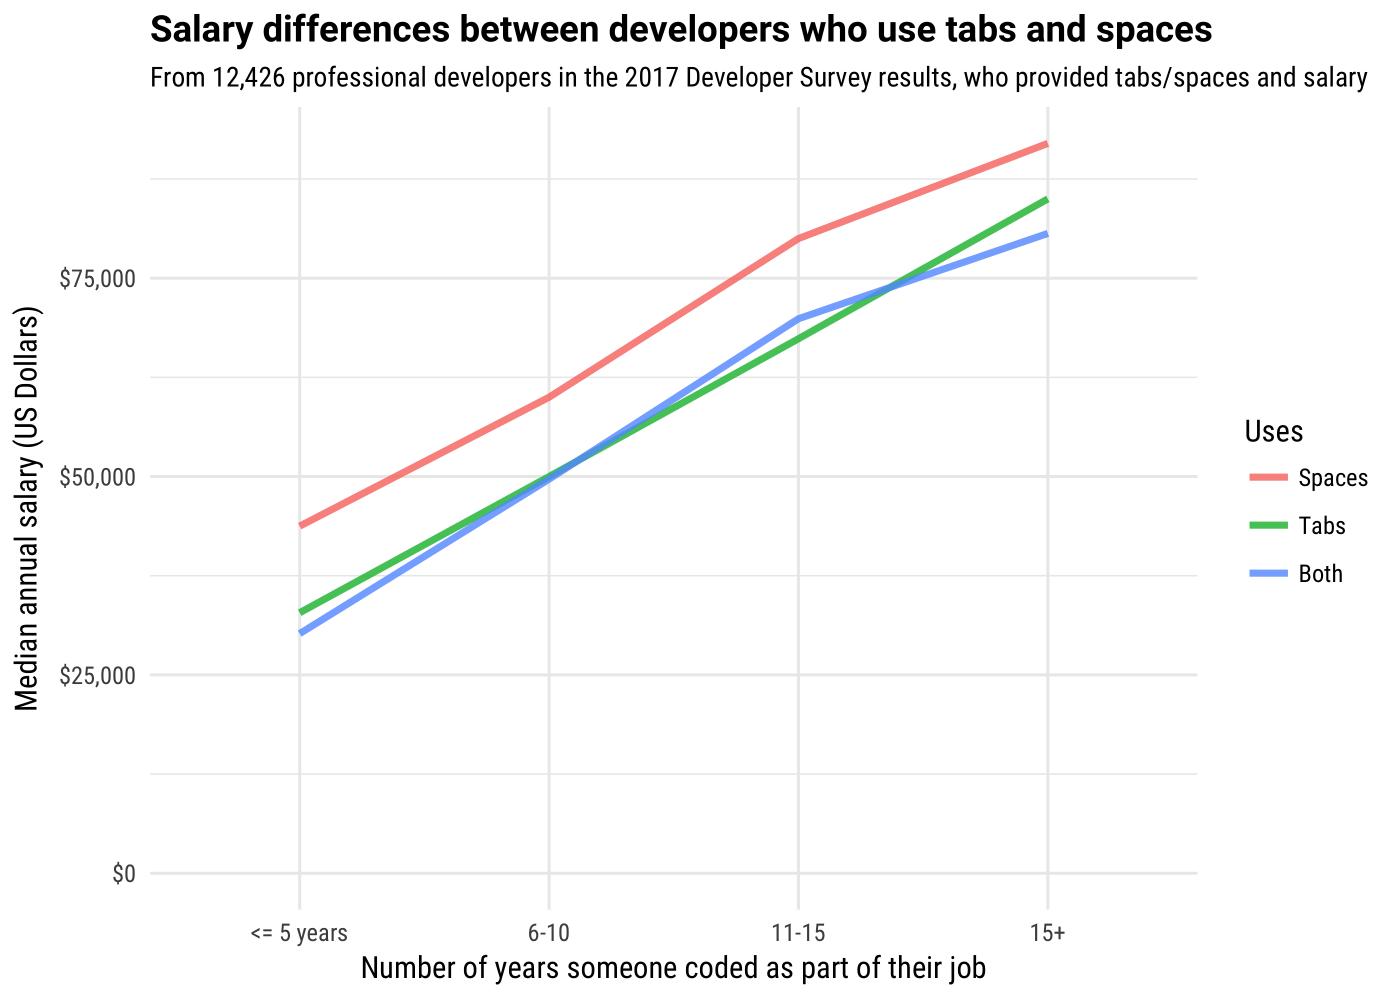 Результаты опроса Stack Overflow 2017: Разработчики, которые используют пробелы, зарабатывают больше - 1